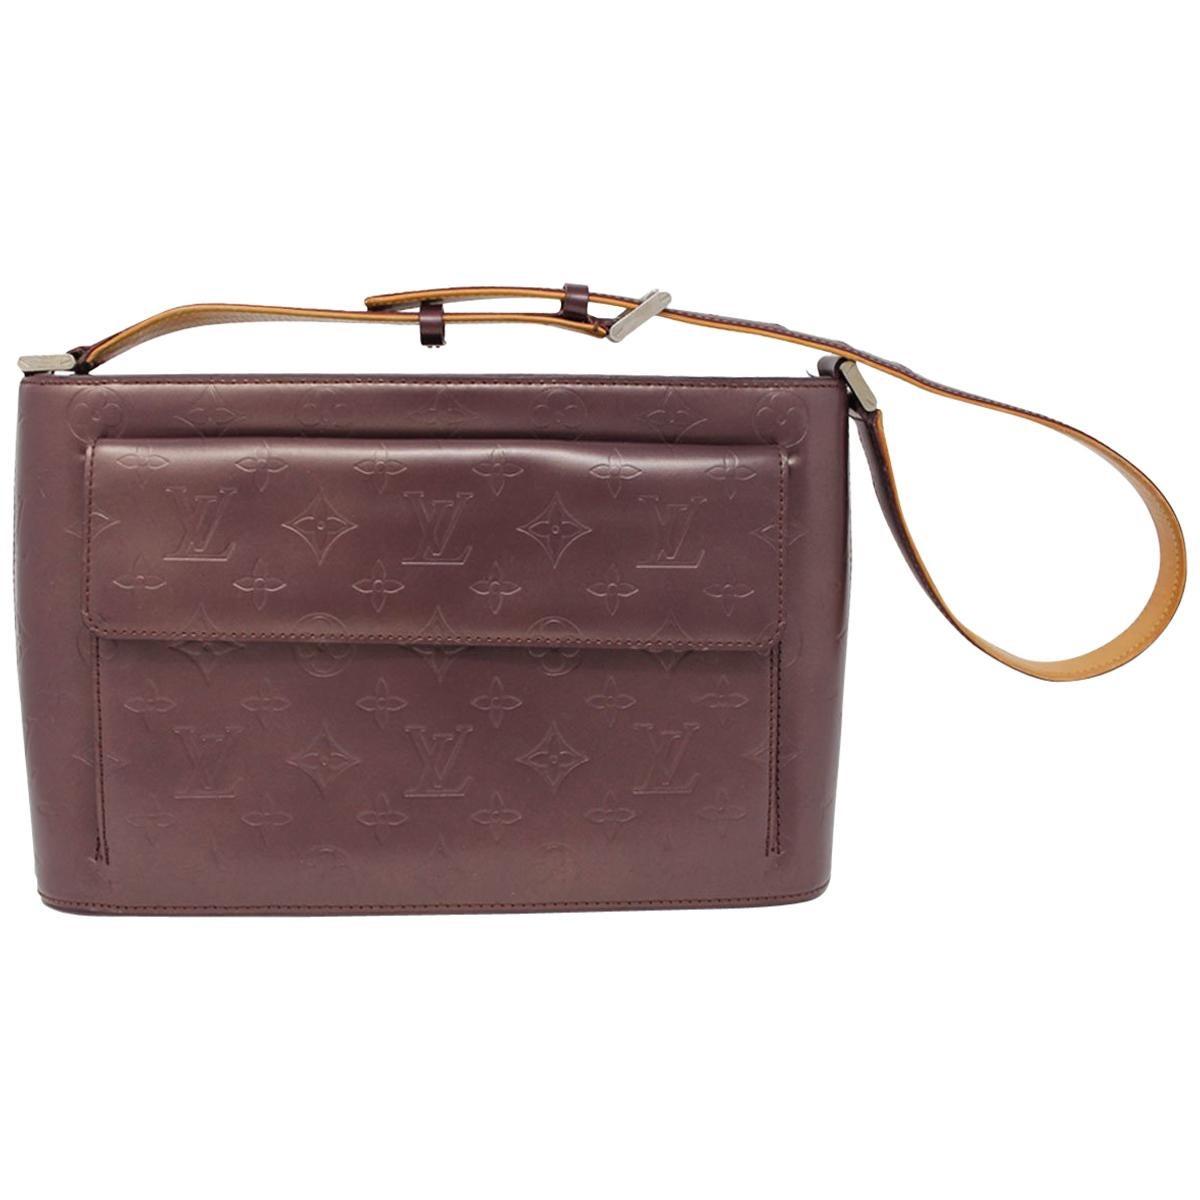 Louis Vuitton Allston Mat Purple Shoulder Bag Purse With Dust Bag